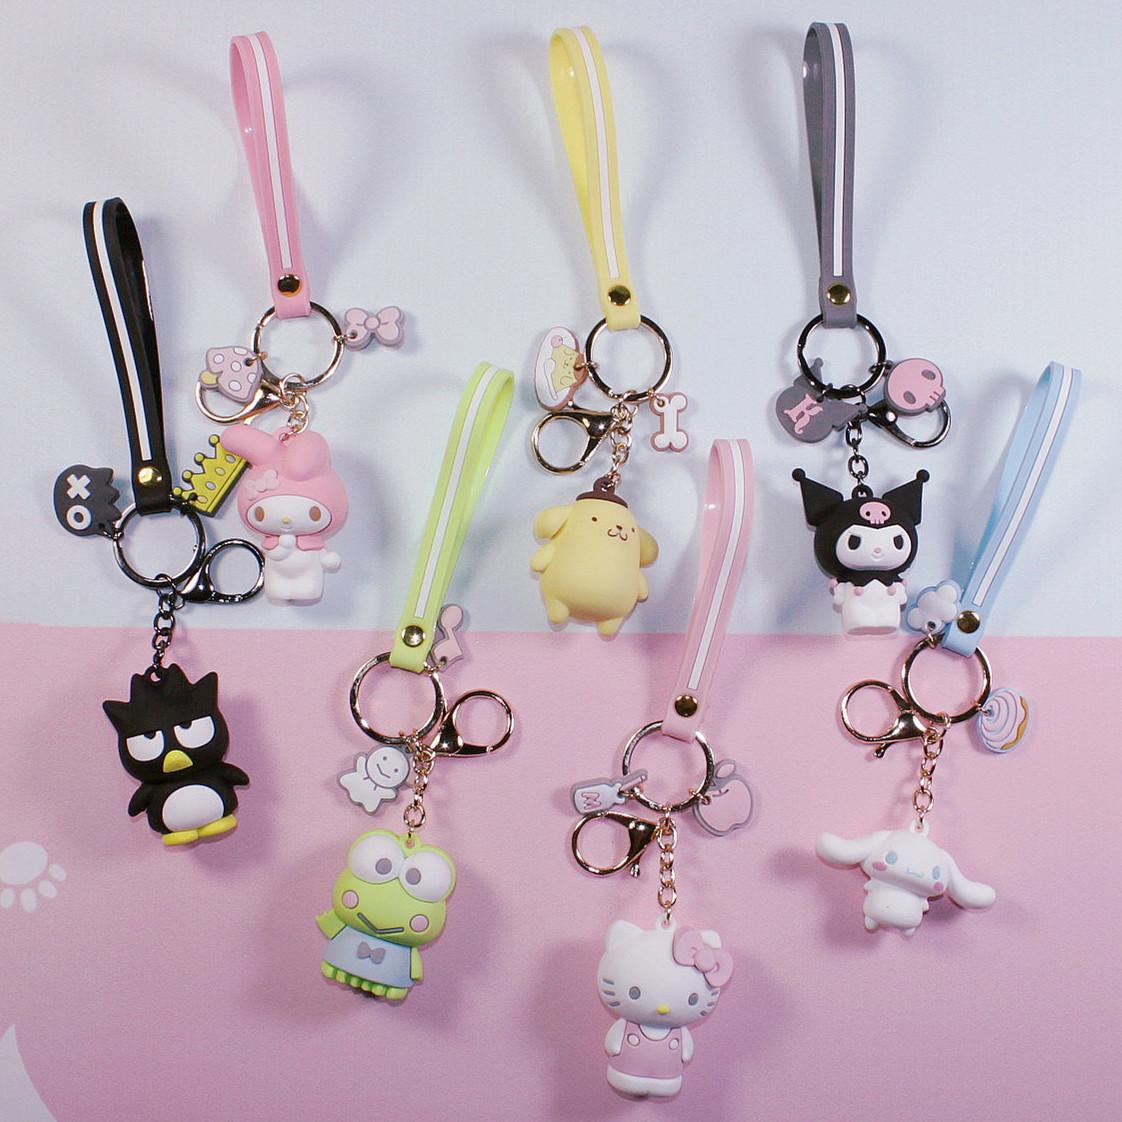 新款Hello Kitty 美乐蒂大耳狗布丁狗可爱钥匙扣日韩女士包包挂件